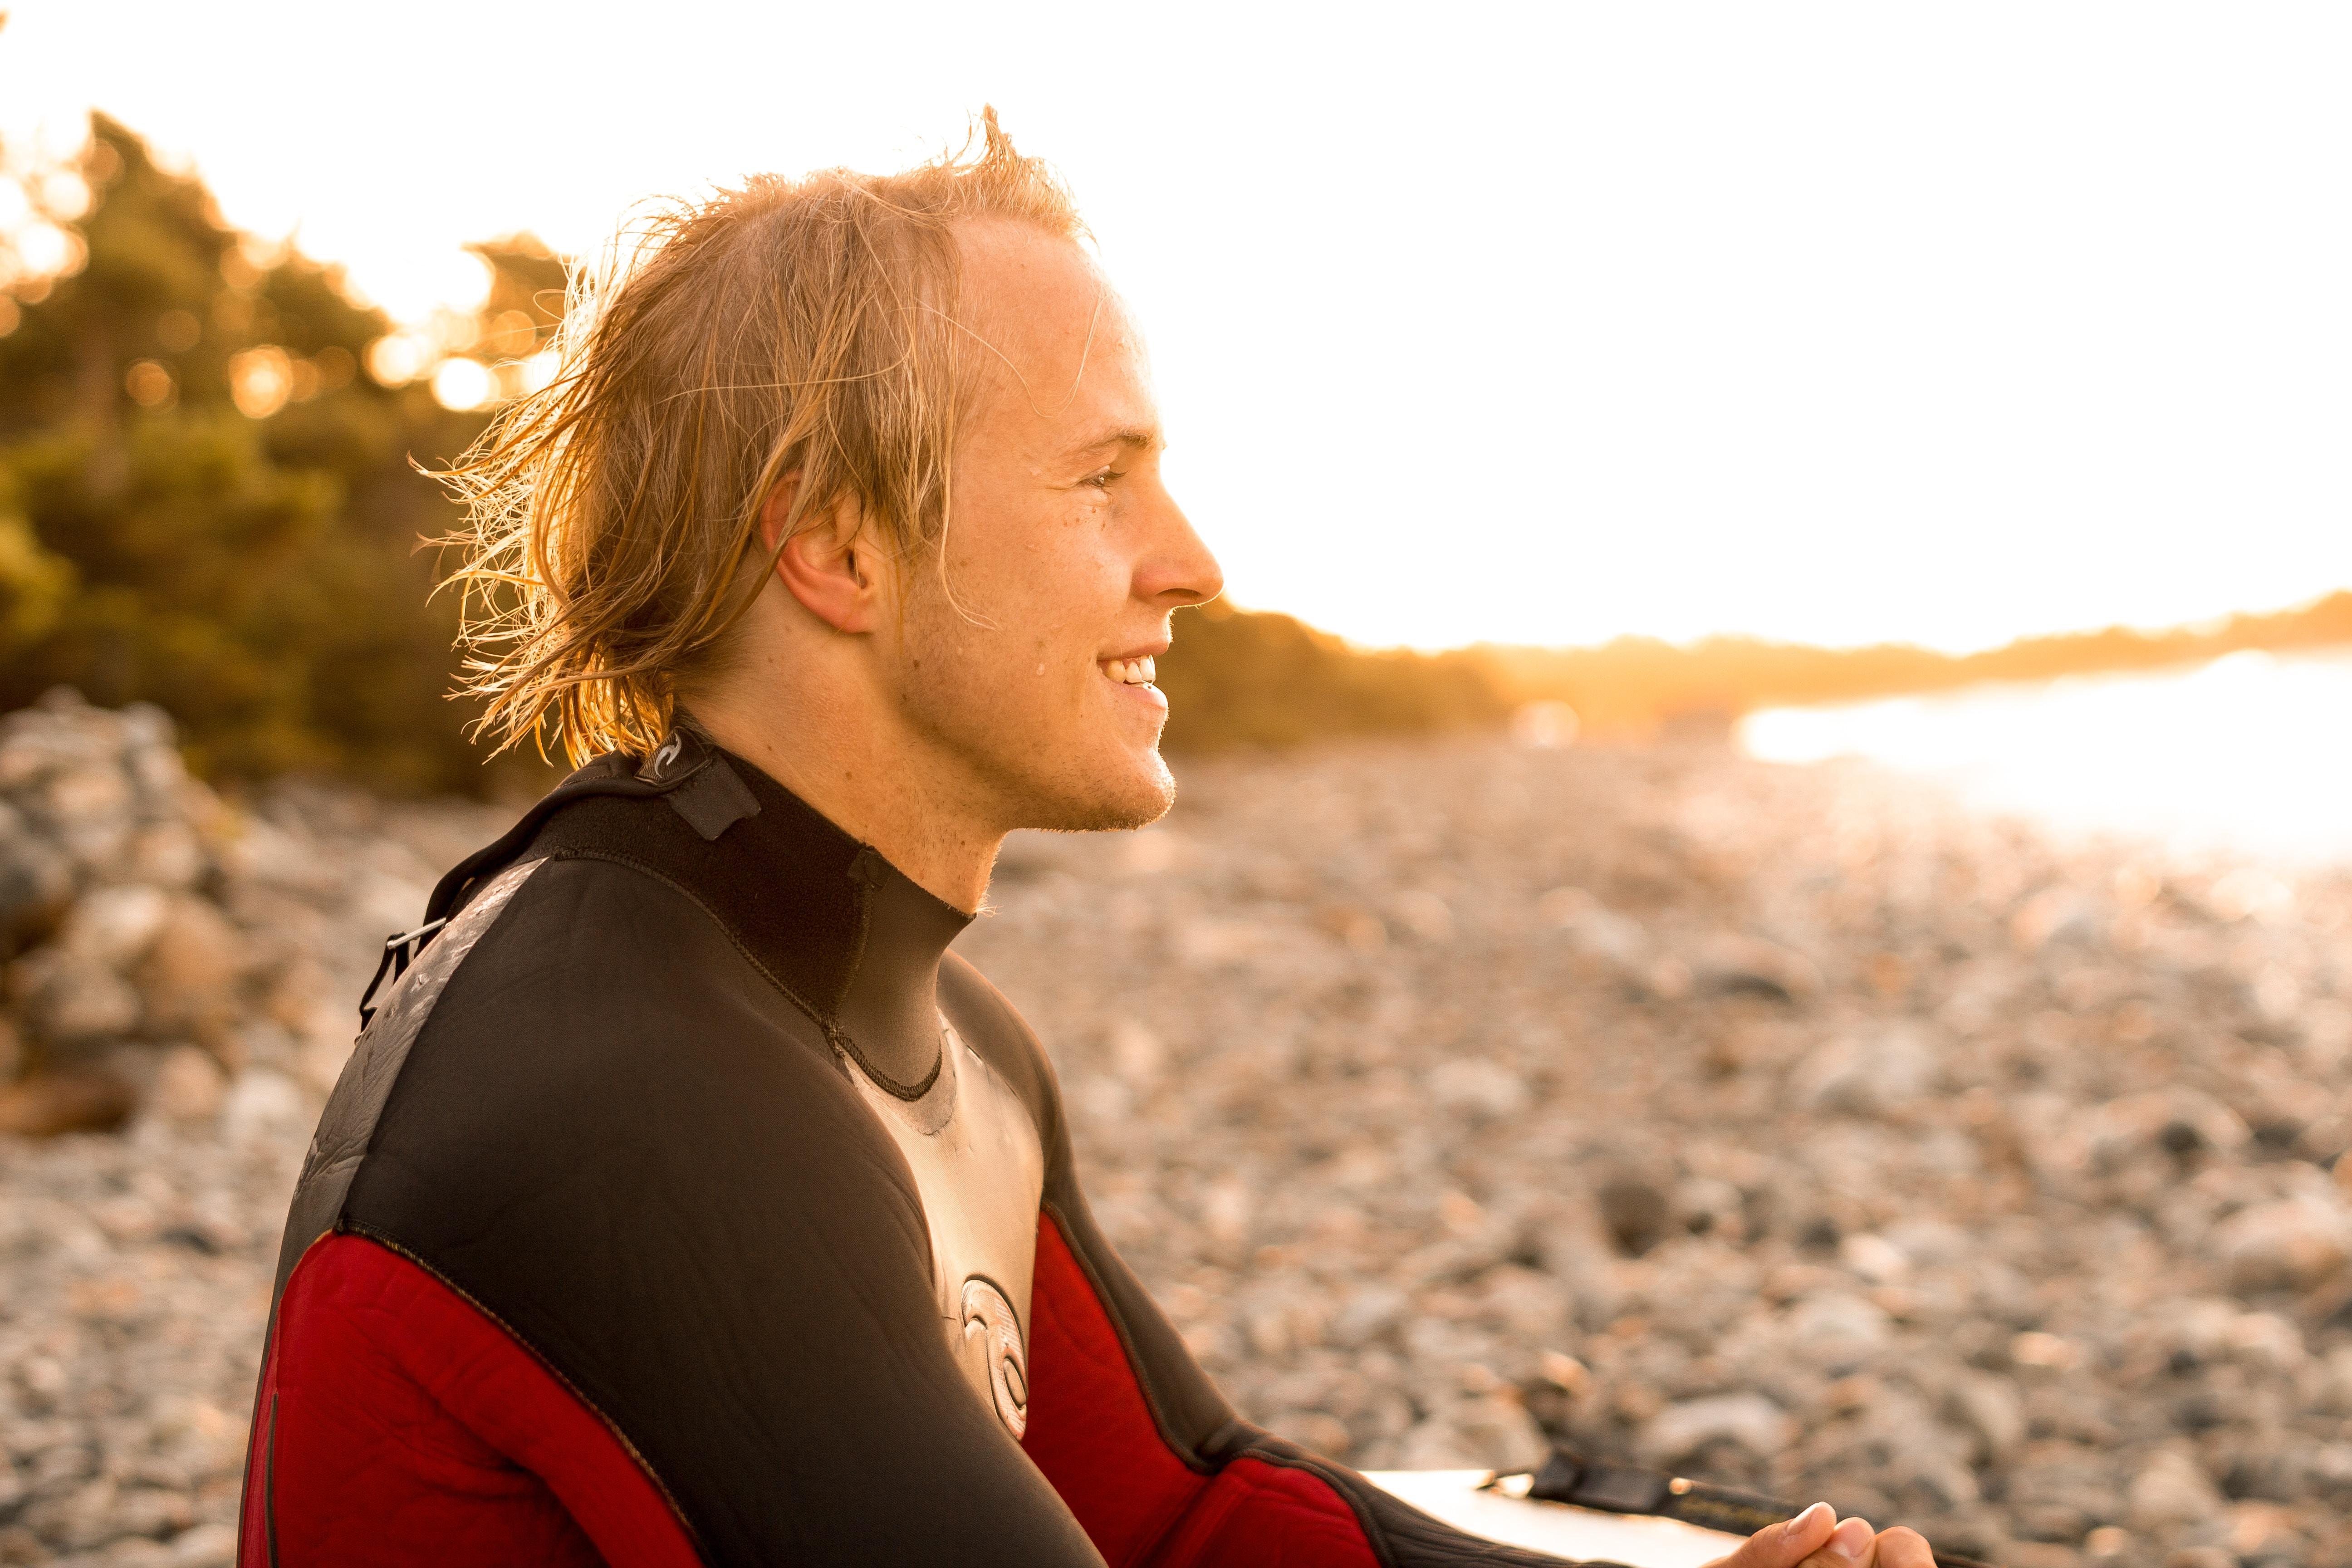 smiling man wearing wetsuit facing beach